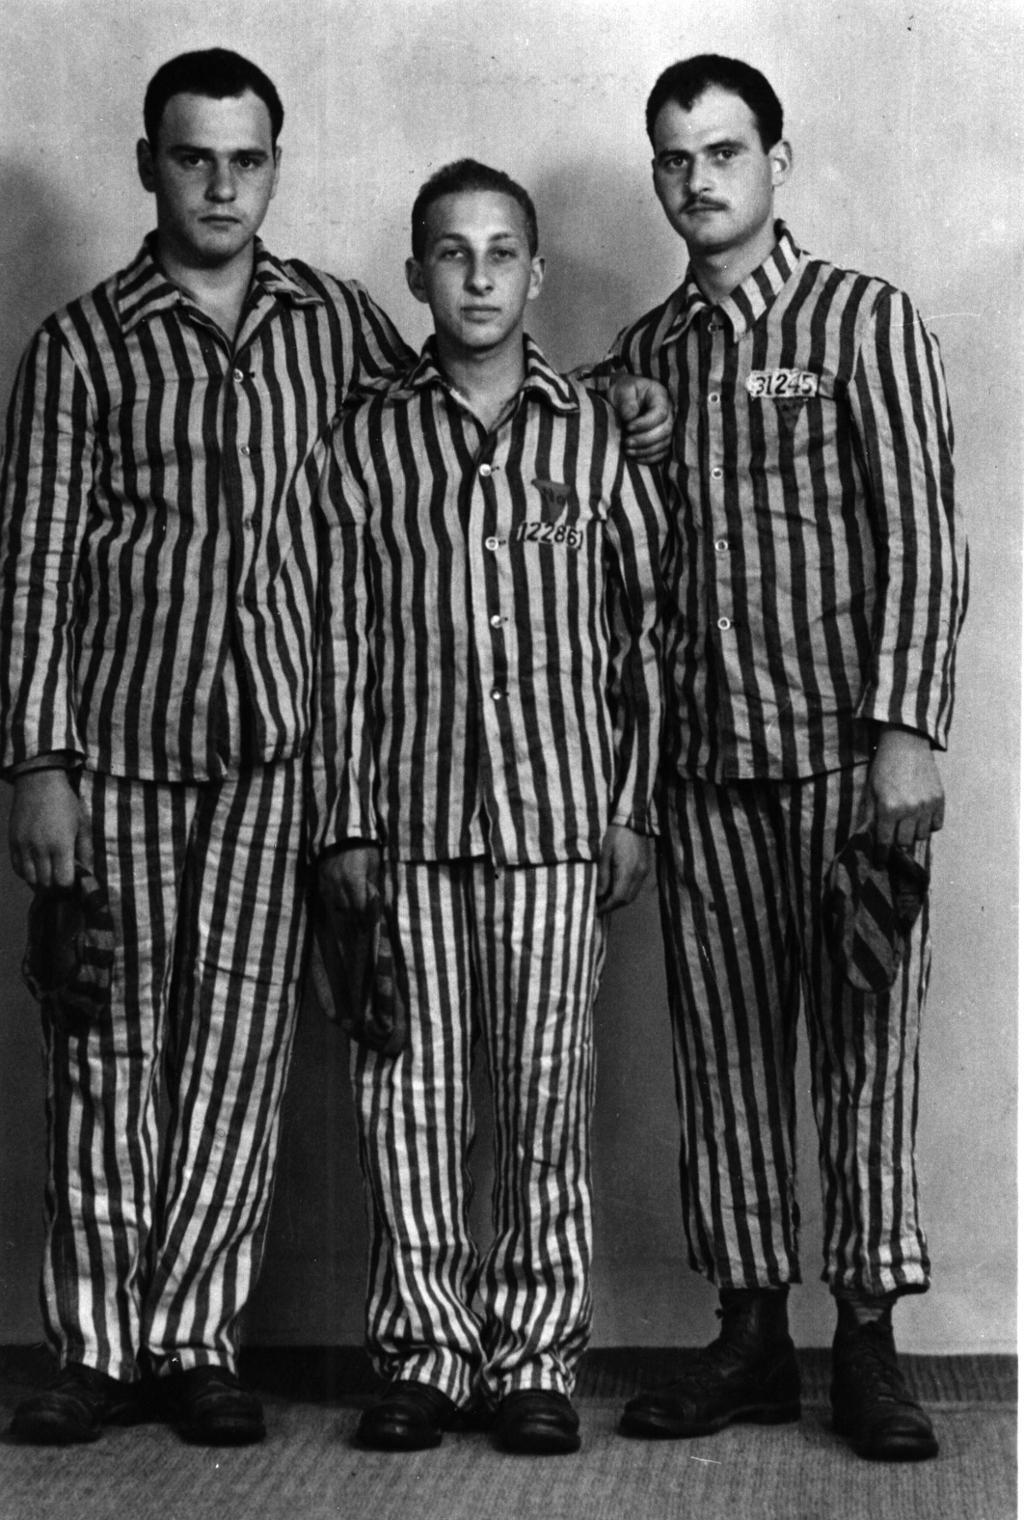 Etter frigjøringen fra konsentrasjonsleiren Buchenwald, 1945. Fra venstre Pelle Hirsch, Julius Paltiel og Assor Hirsch.